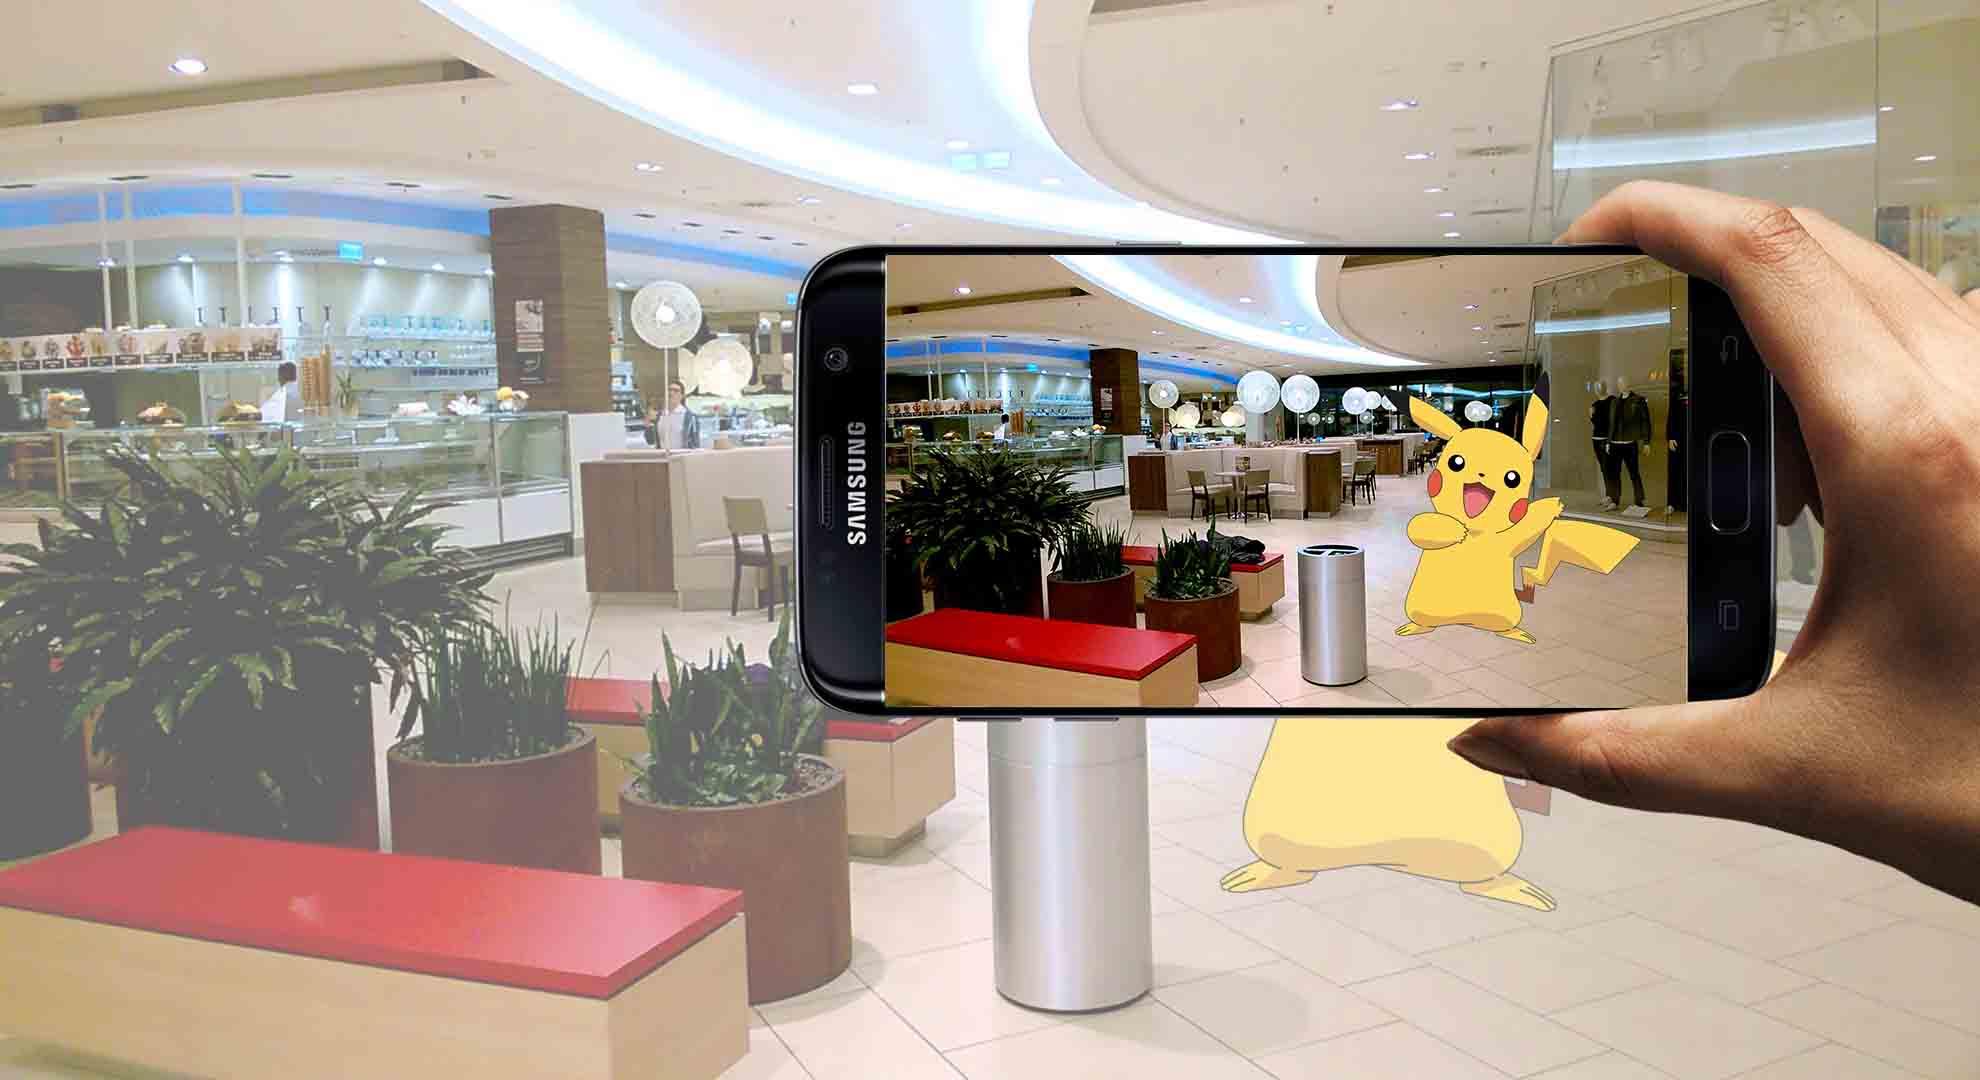 AR tech with pokemon